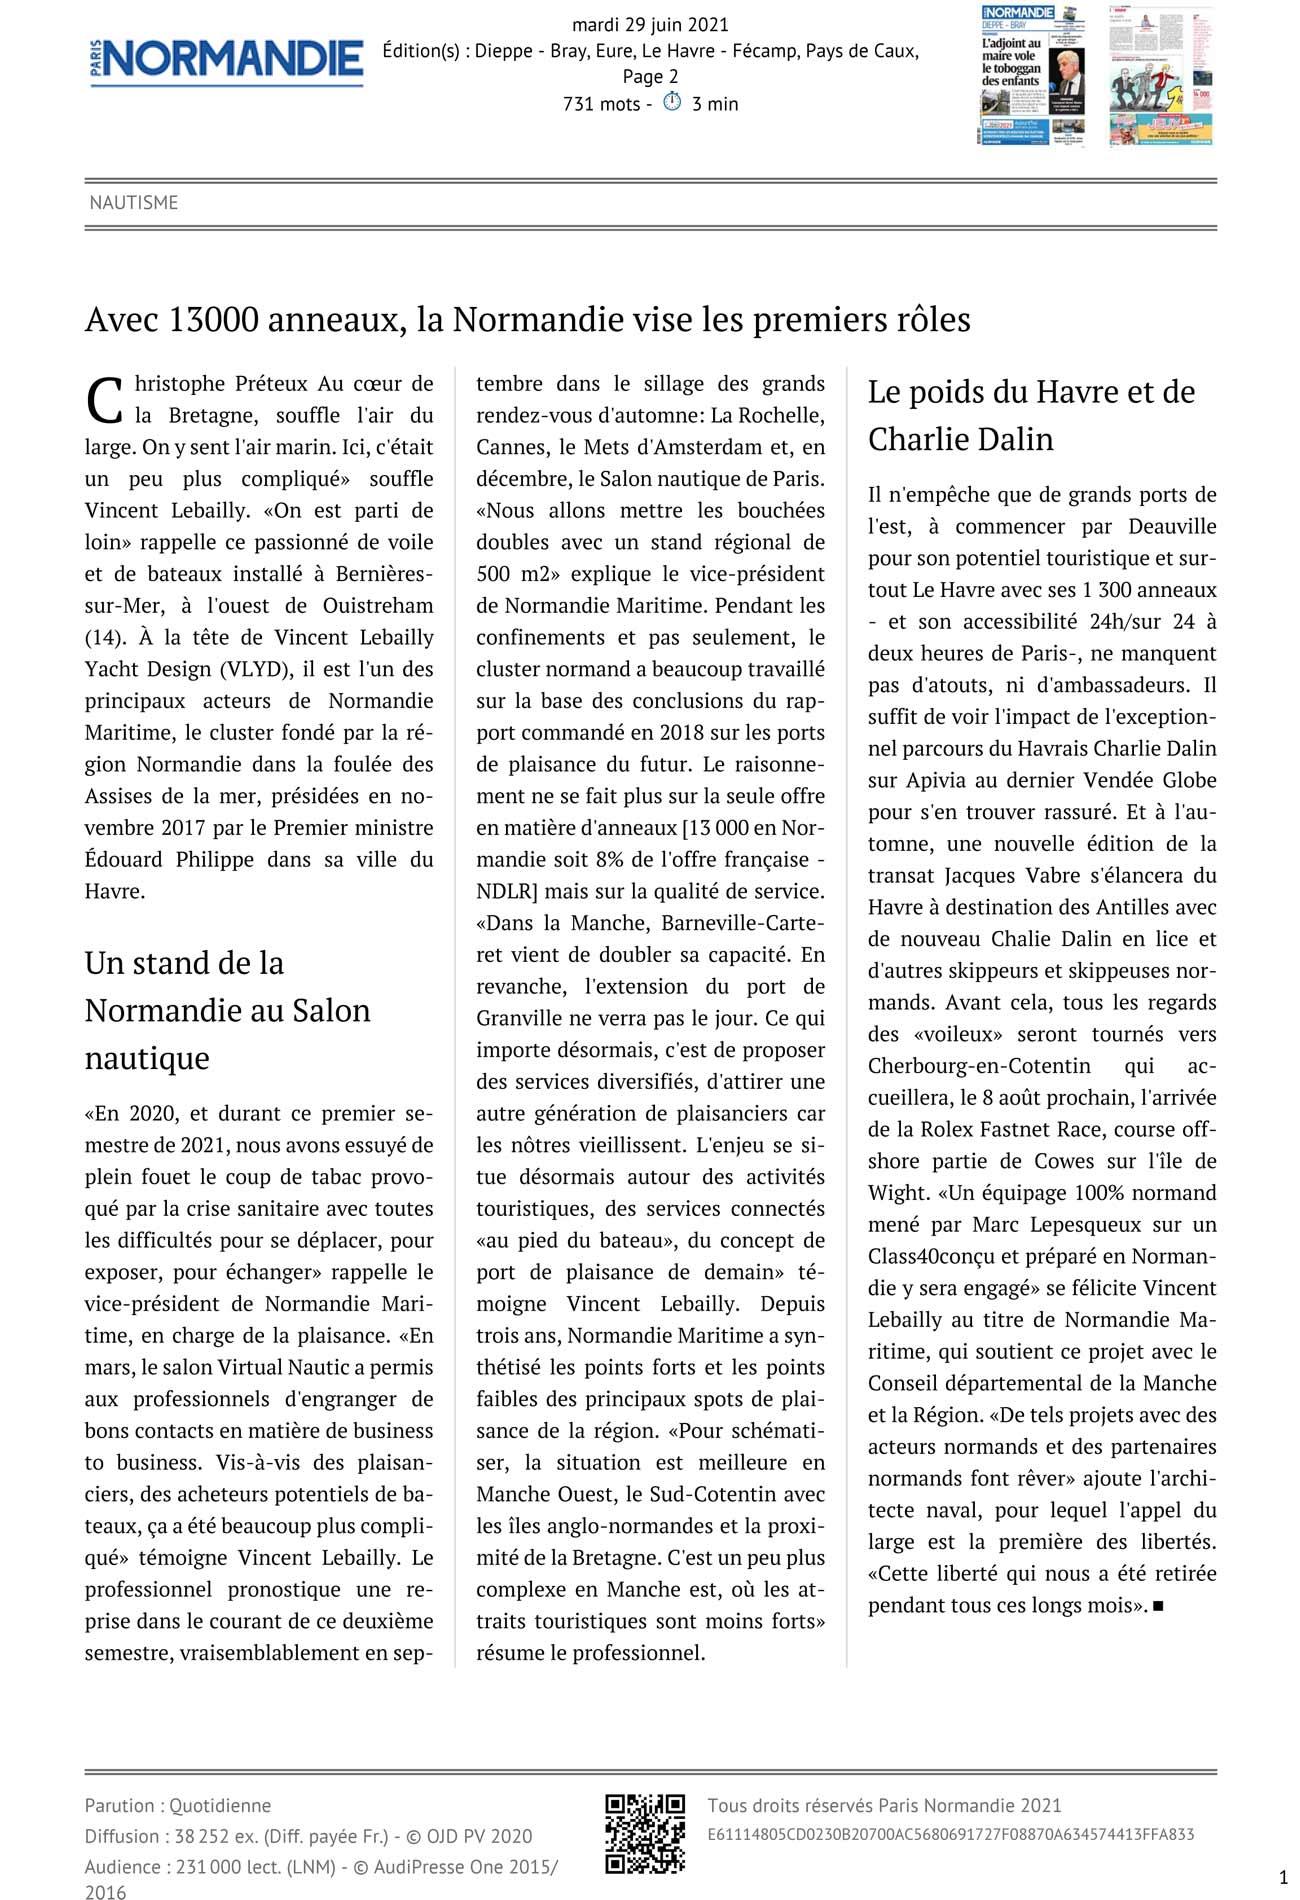 Paris-Normandie-Interview-Vincent-Lebailly-Nautisme-en-Normandie-presse nautique